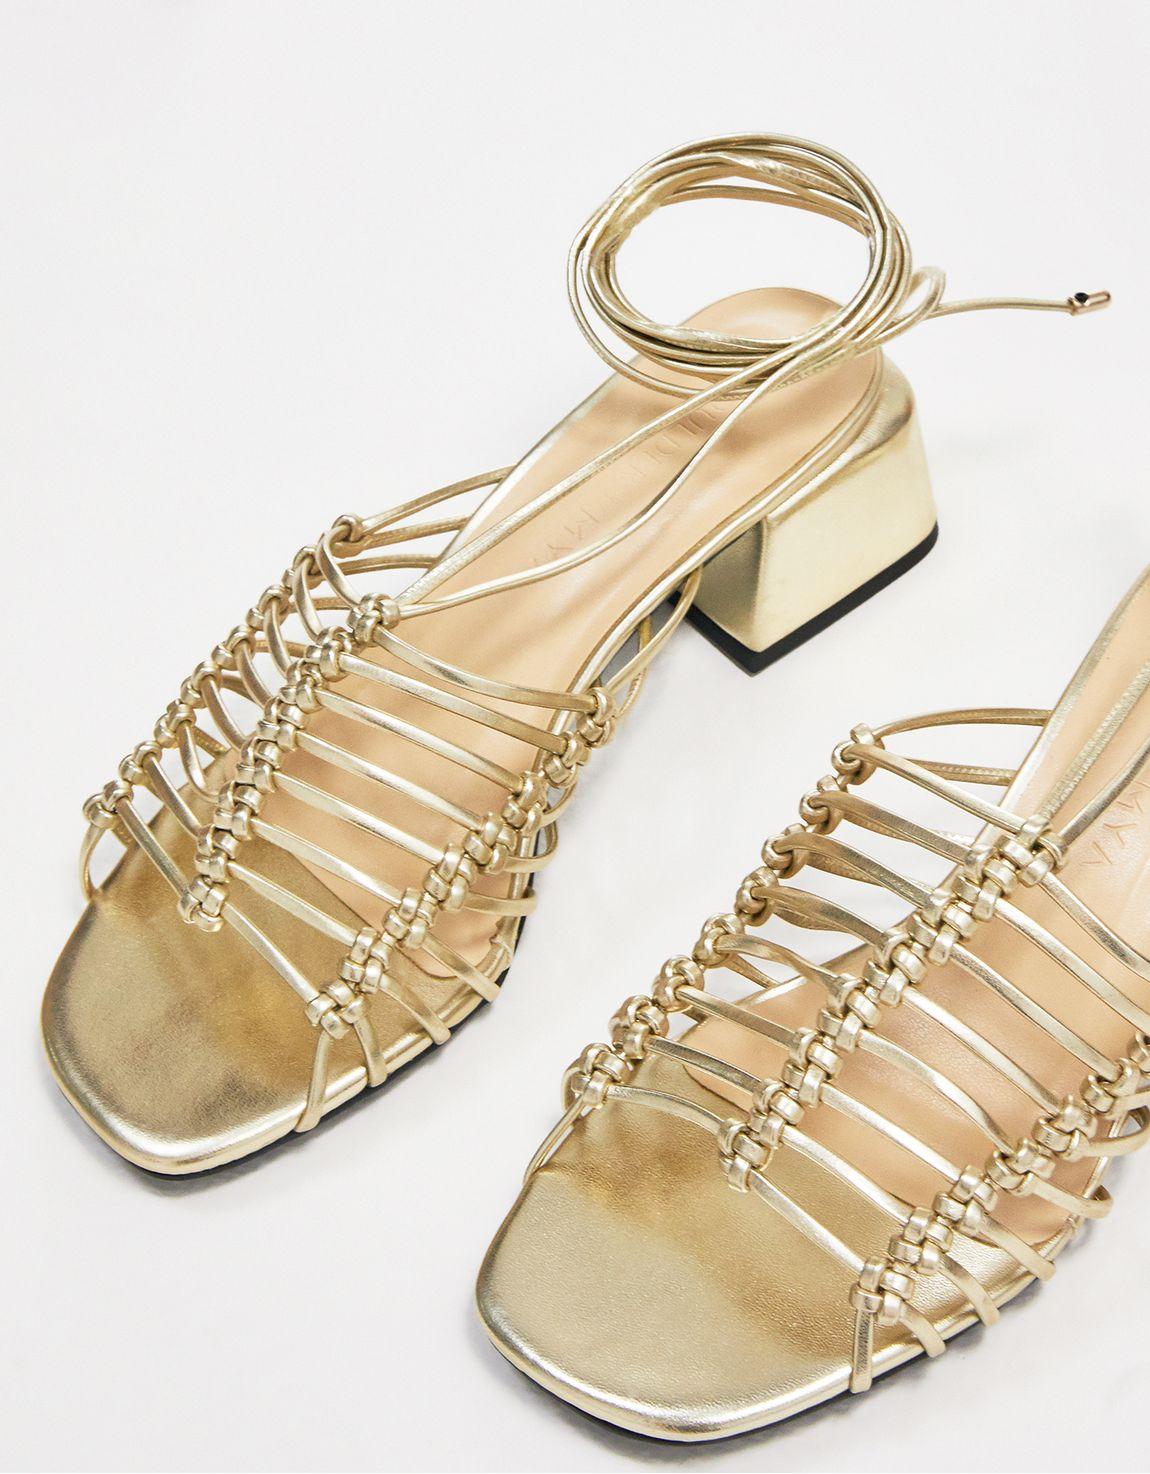 Sandália salto bloco tiras douradas